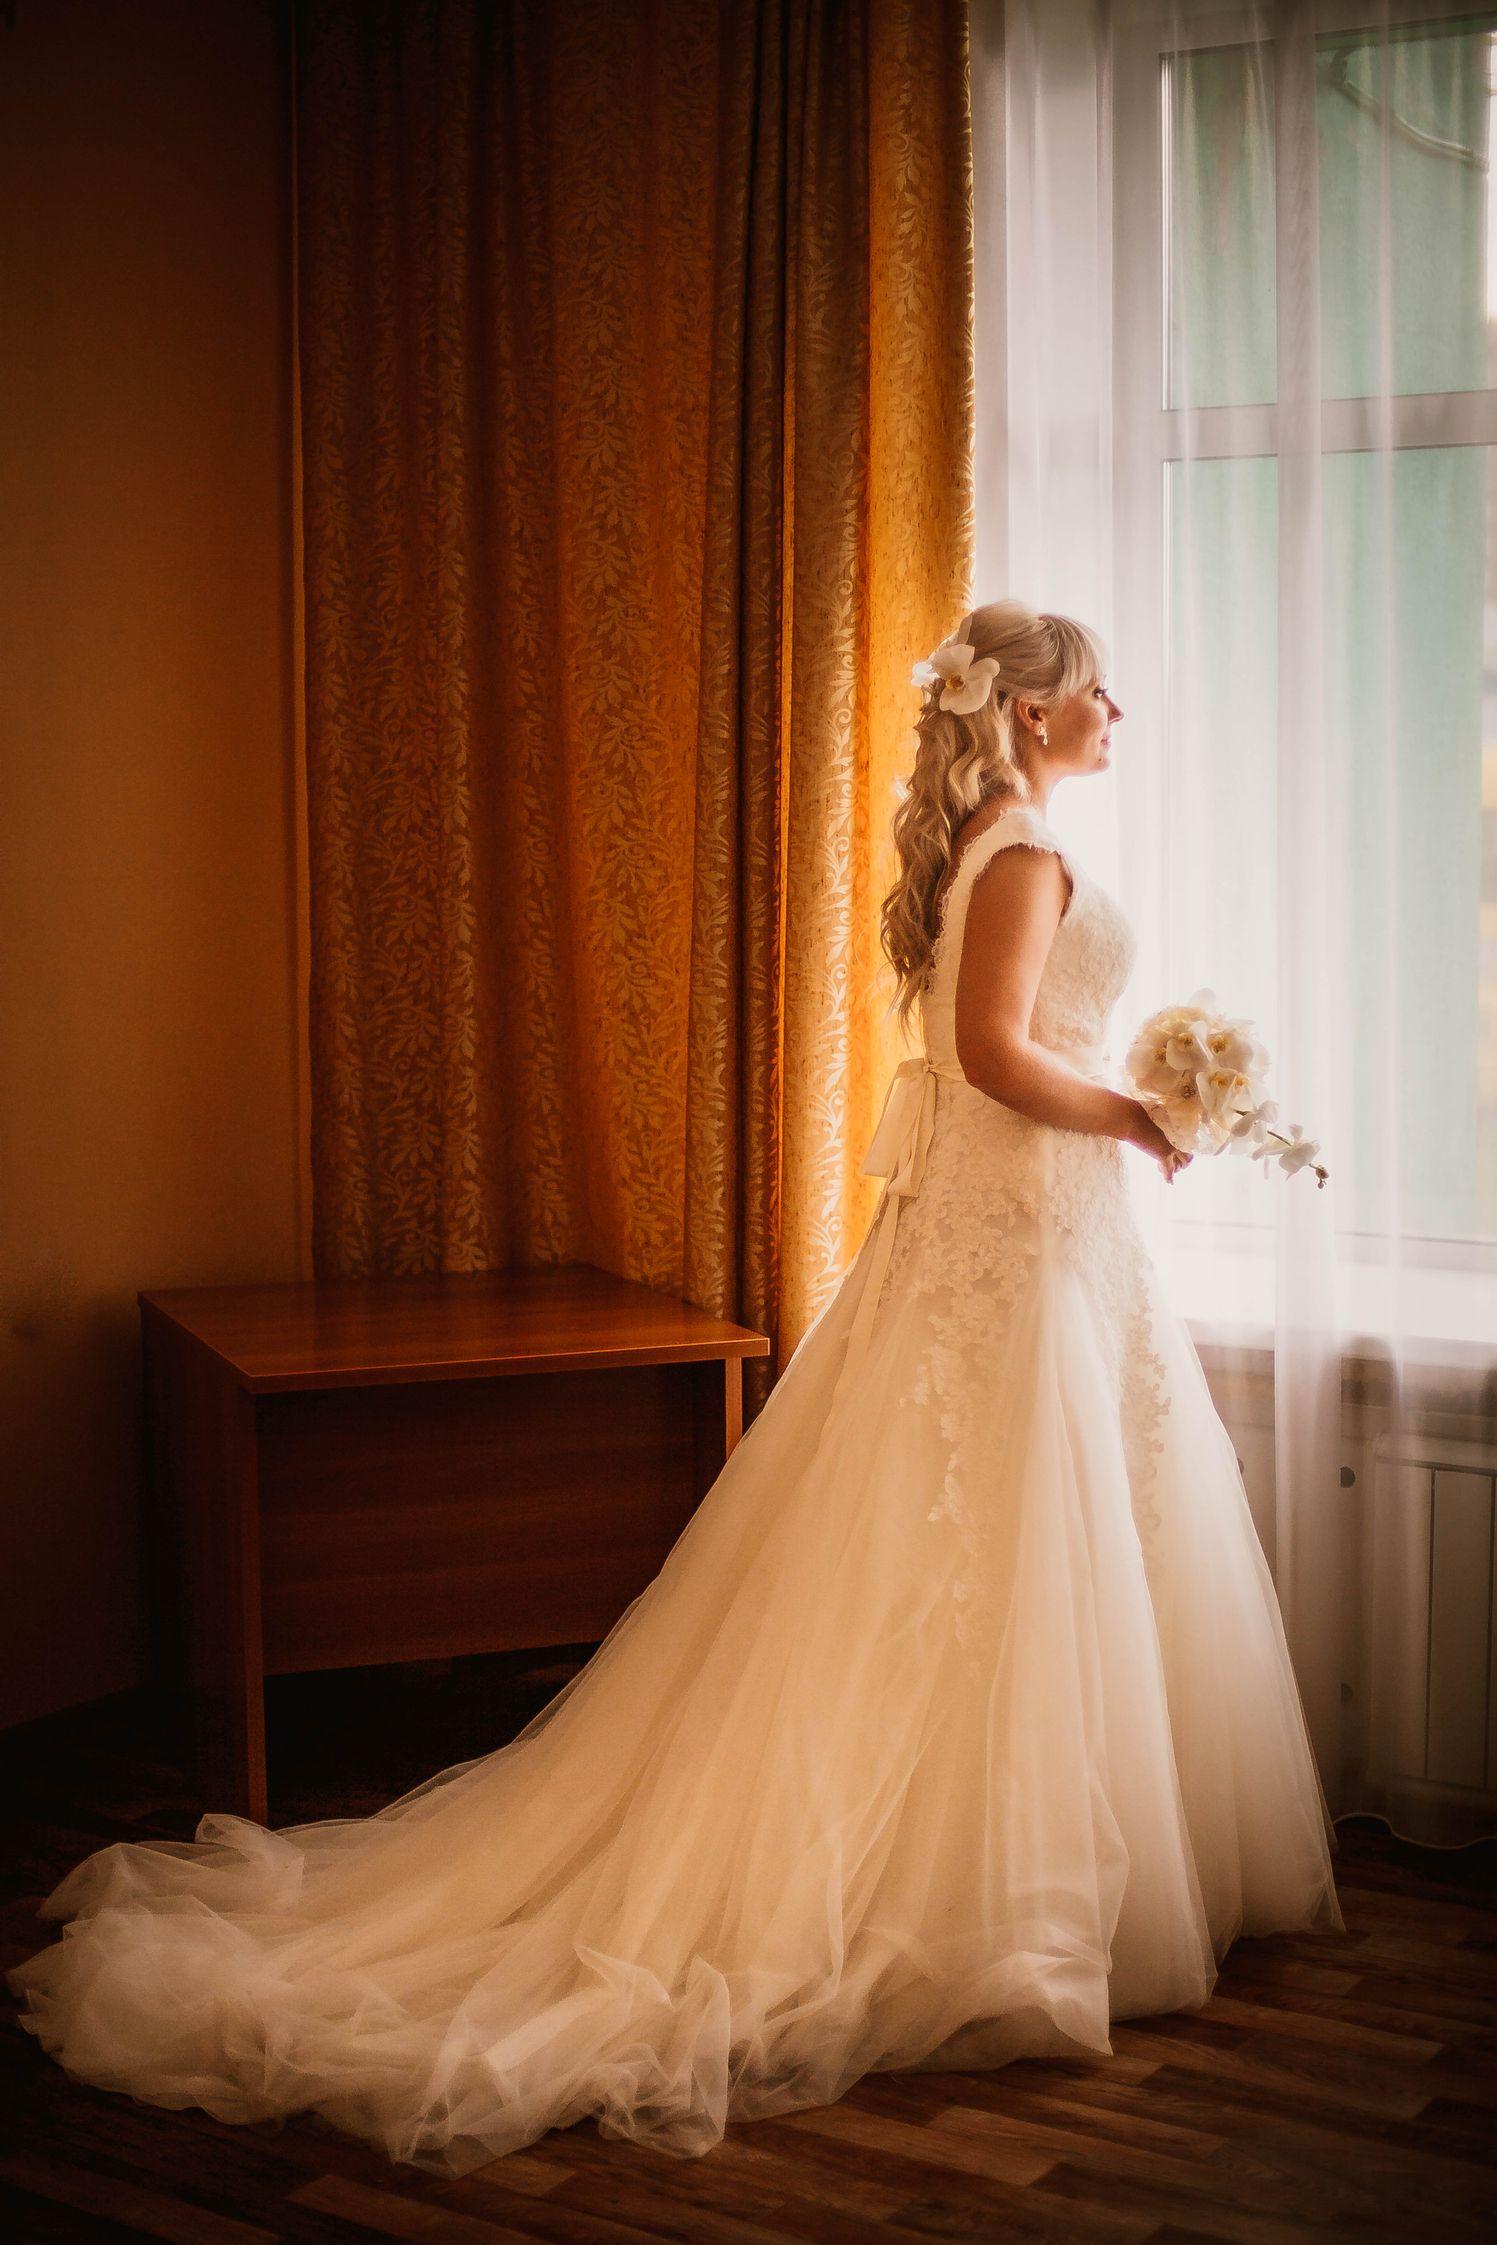 Комната жениха и невесты. ЗАГС Кировского района Красноярска